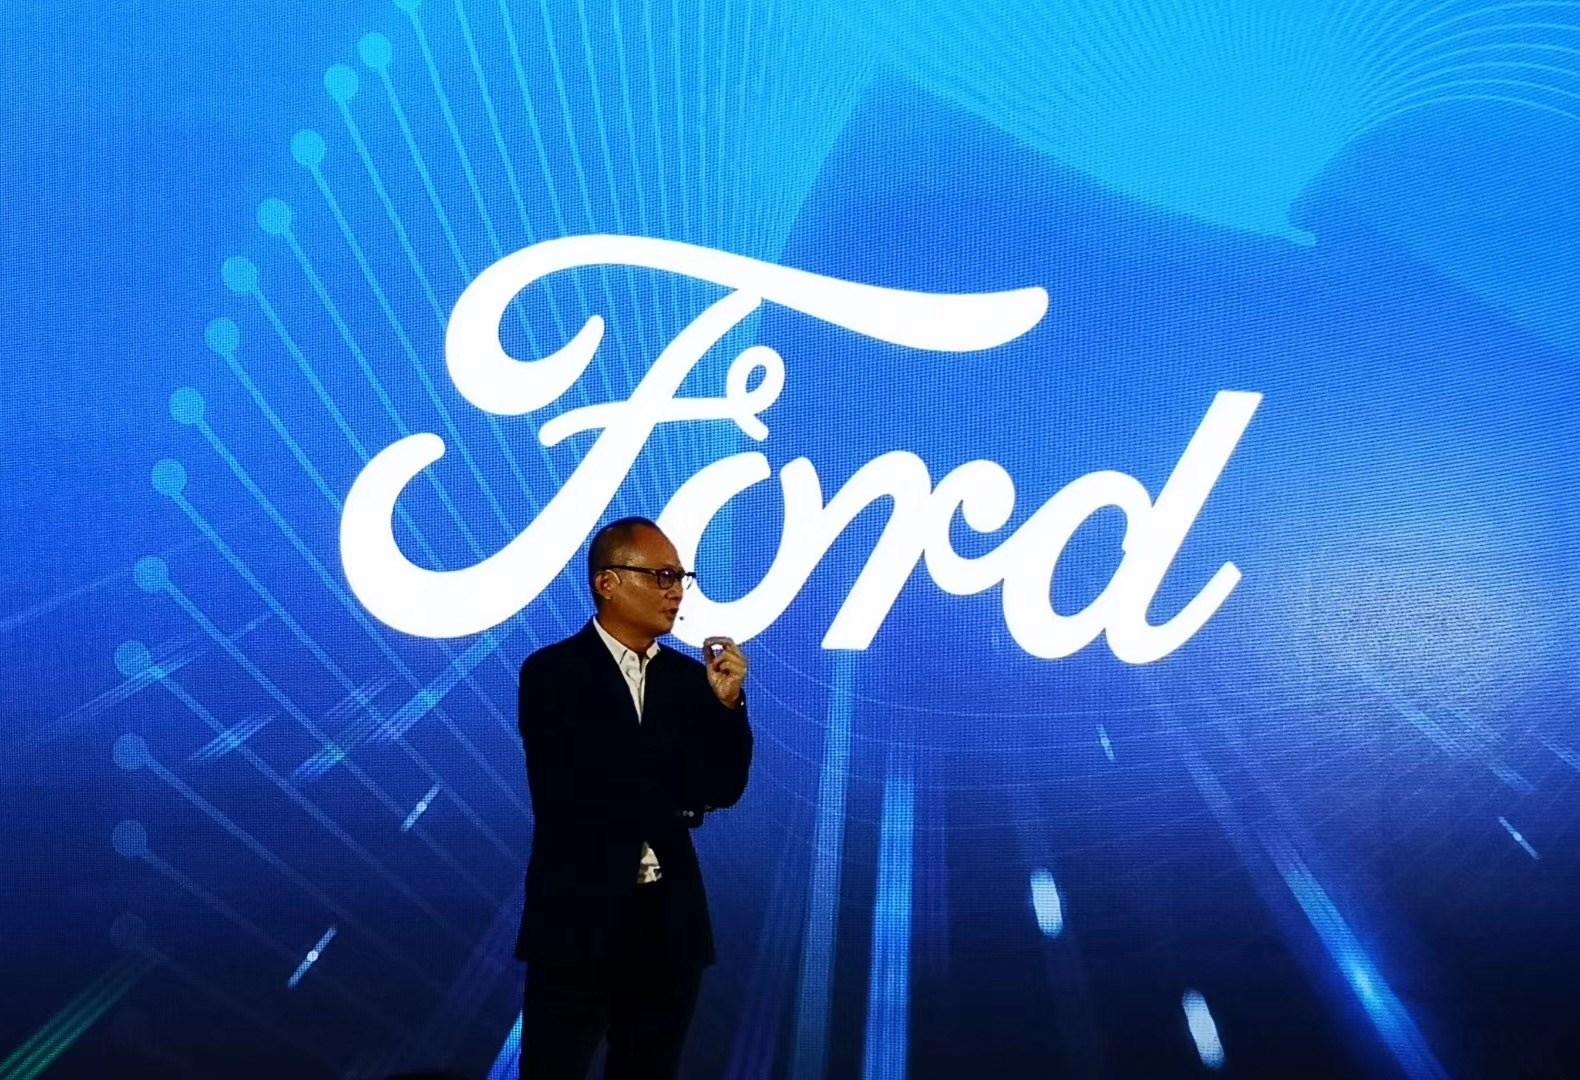 又见杨嵩 我们看到了福特的新气质和新希望 | 汽车产经